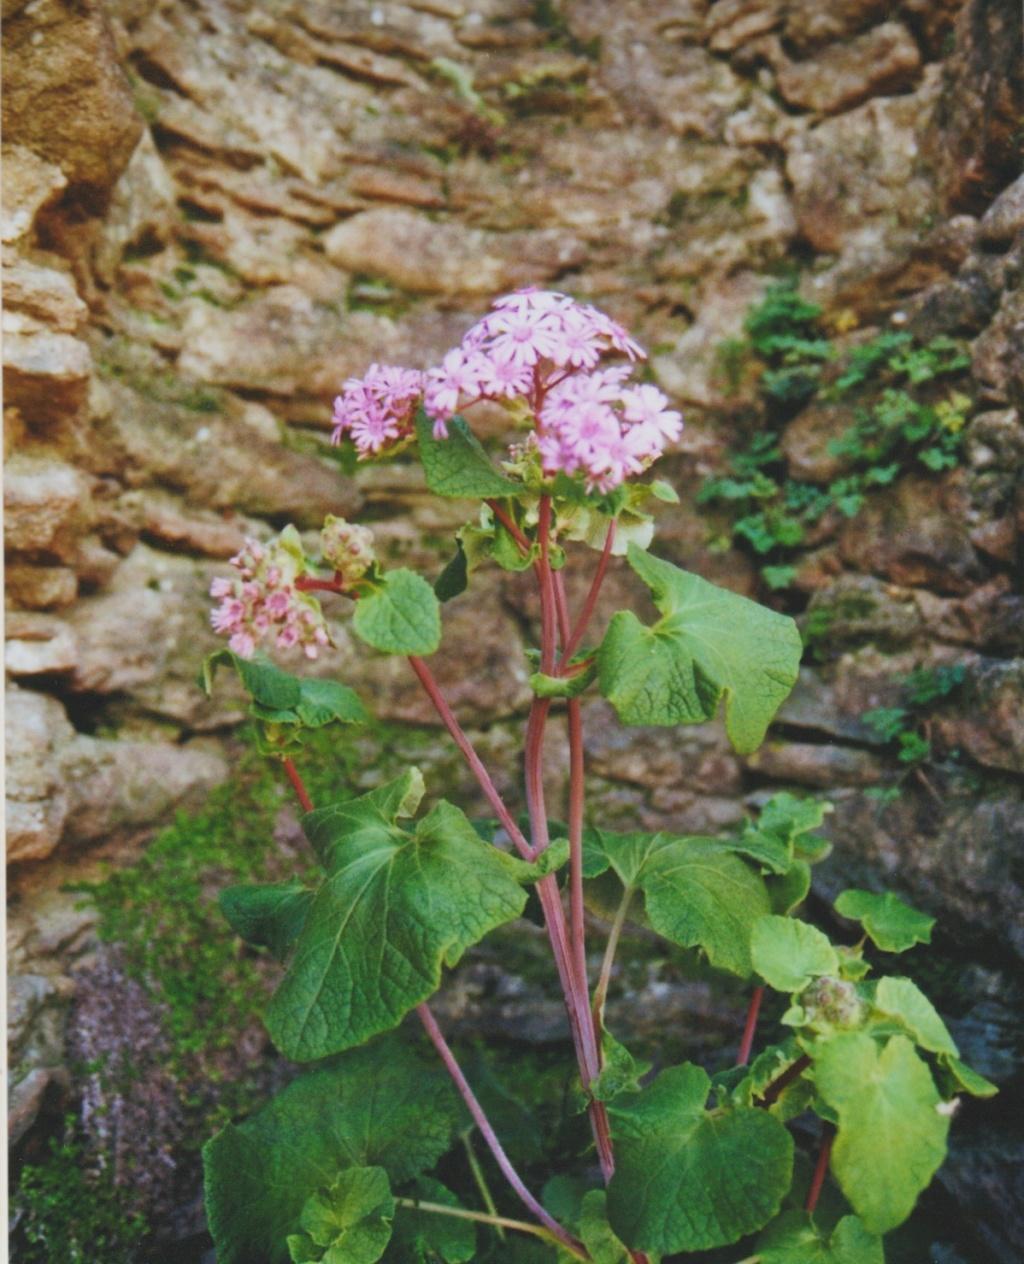 Nouvelle présentation d'une plante inconnue, au jardin de Michou - Page 2 Numzo280